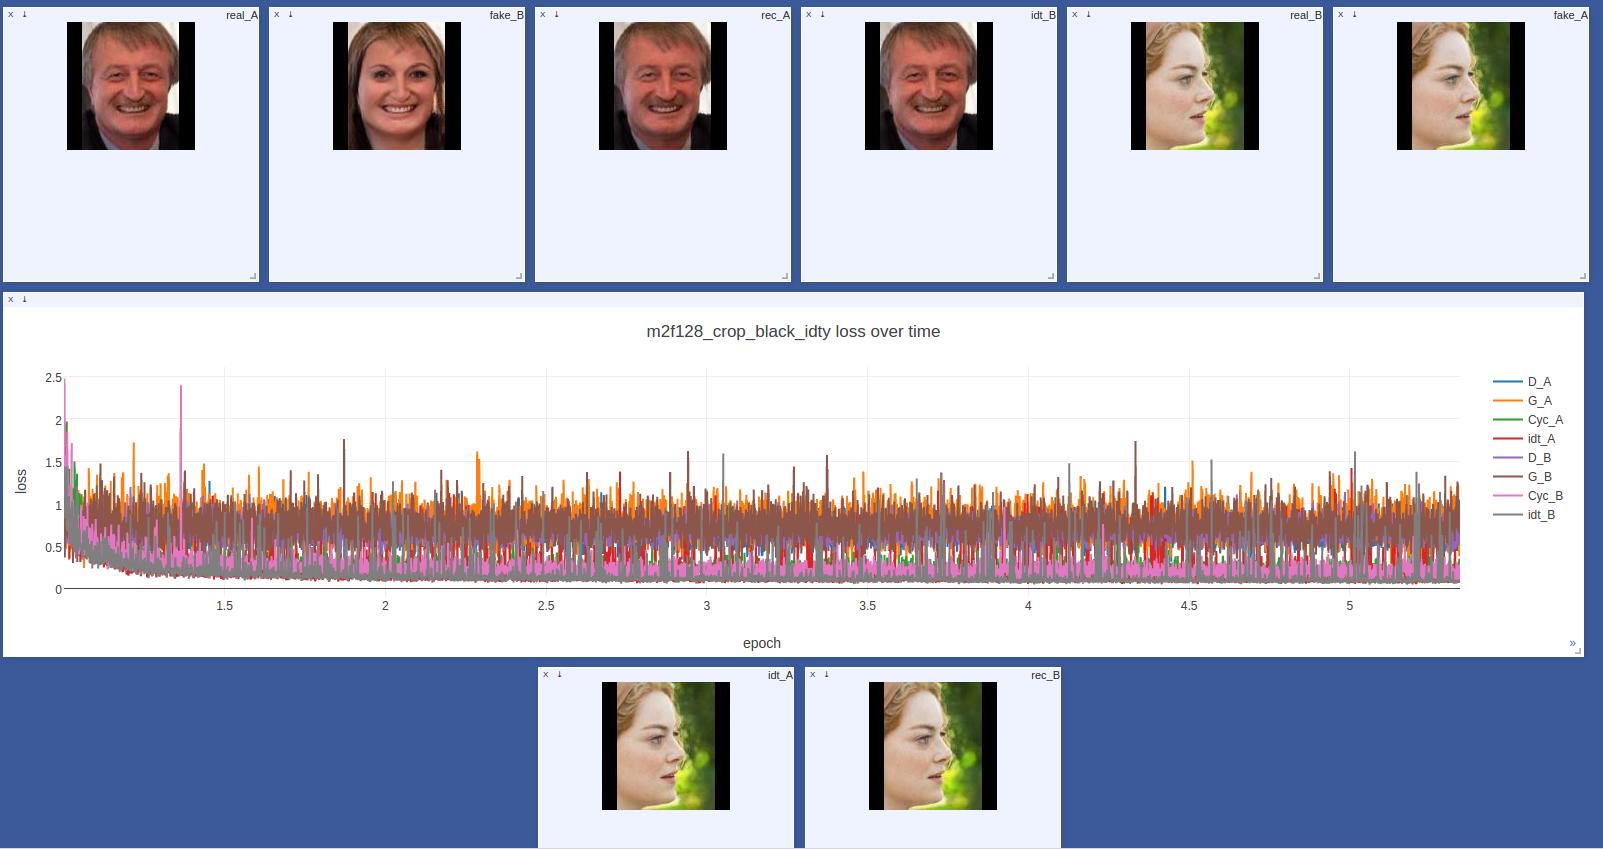 Смена пола и расы на селфи с помощью нейросетей - 28